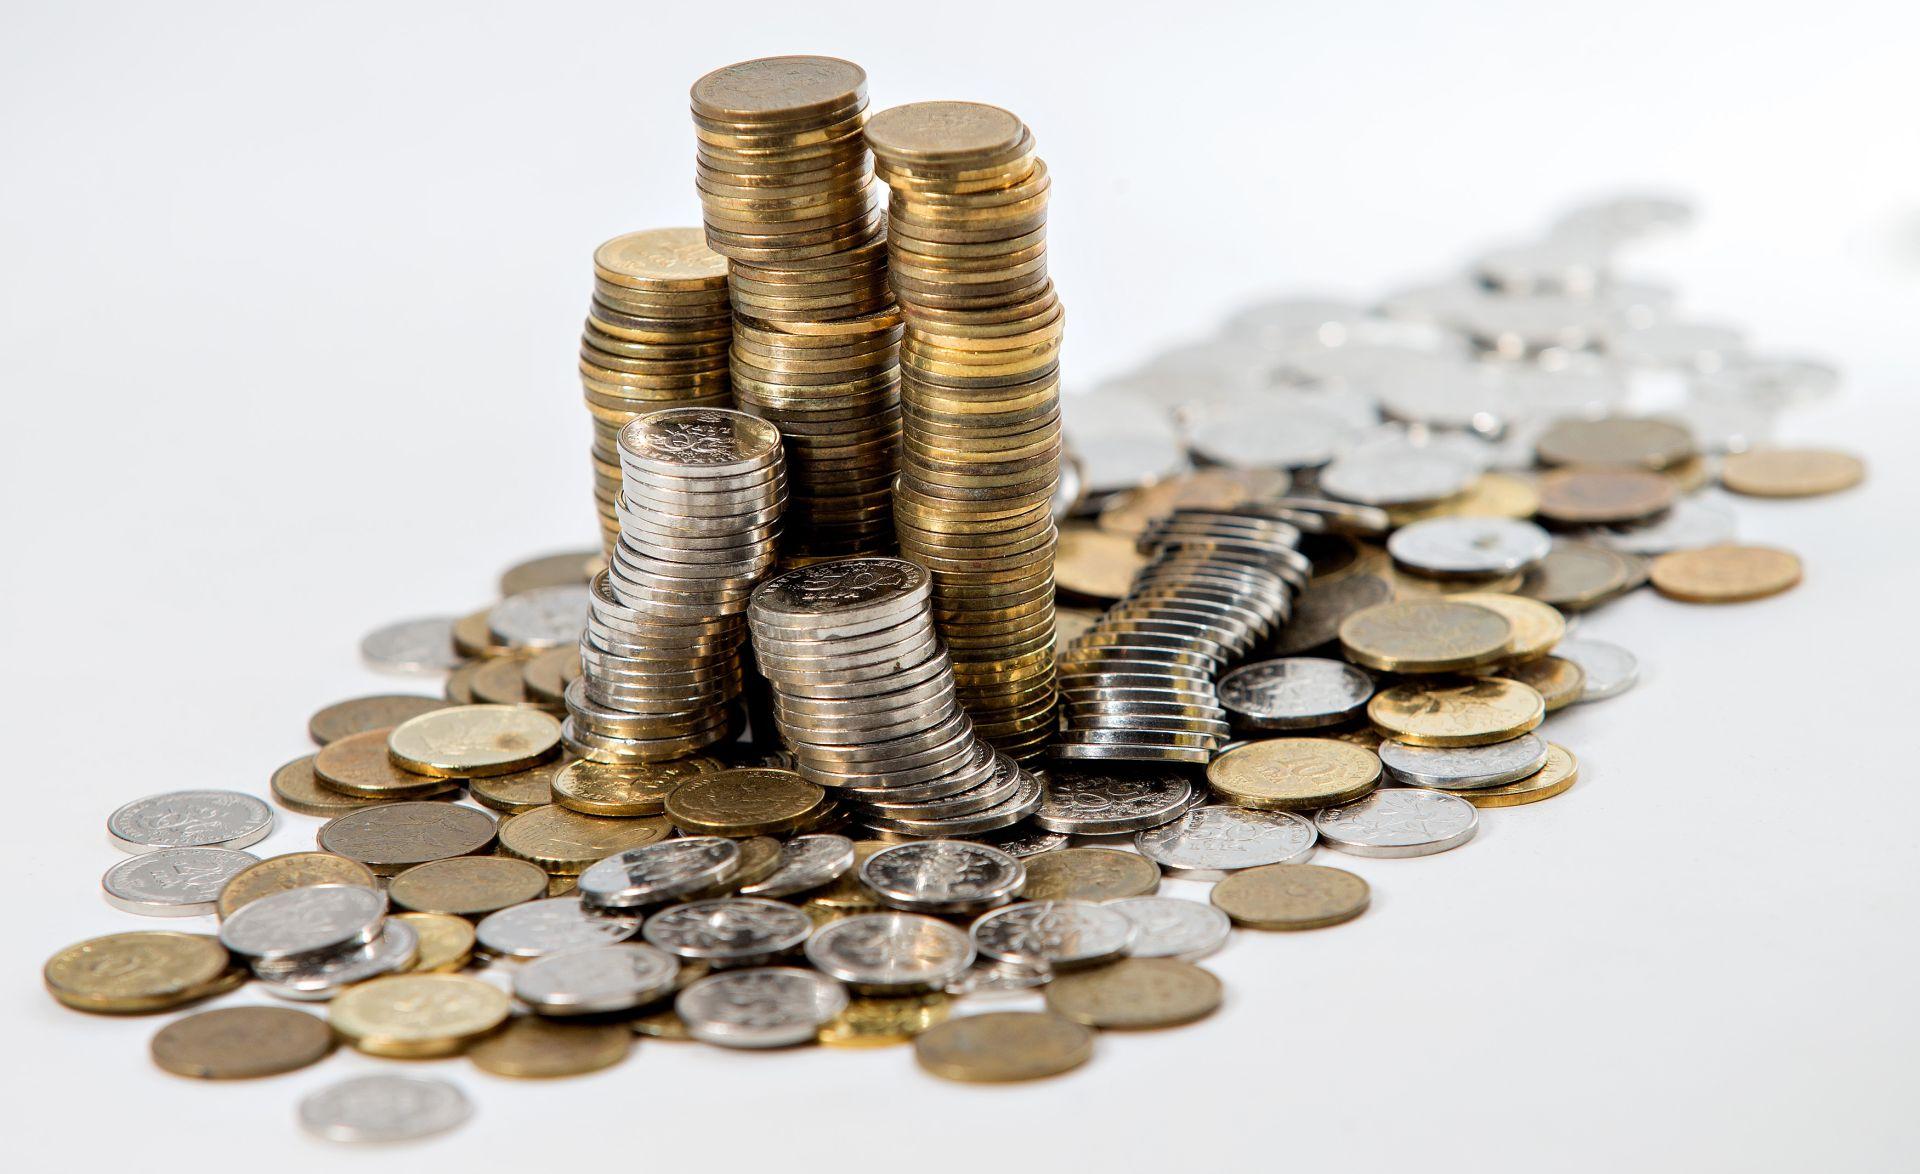 Bruto inozemni dug rastao 4,1 posto na godišnjoj razini